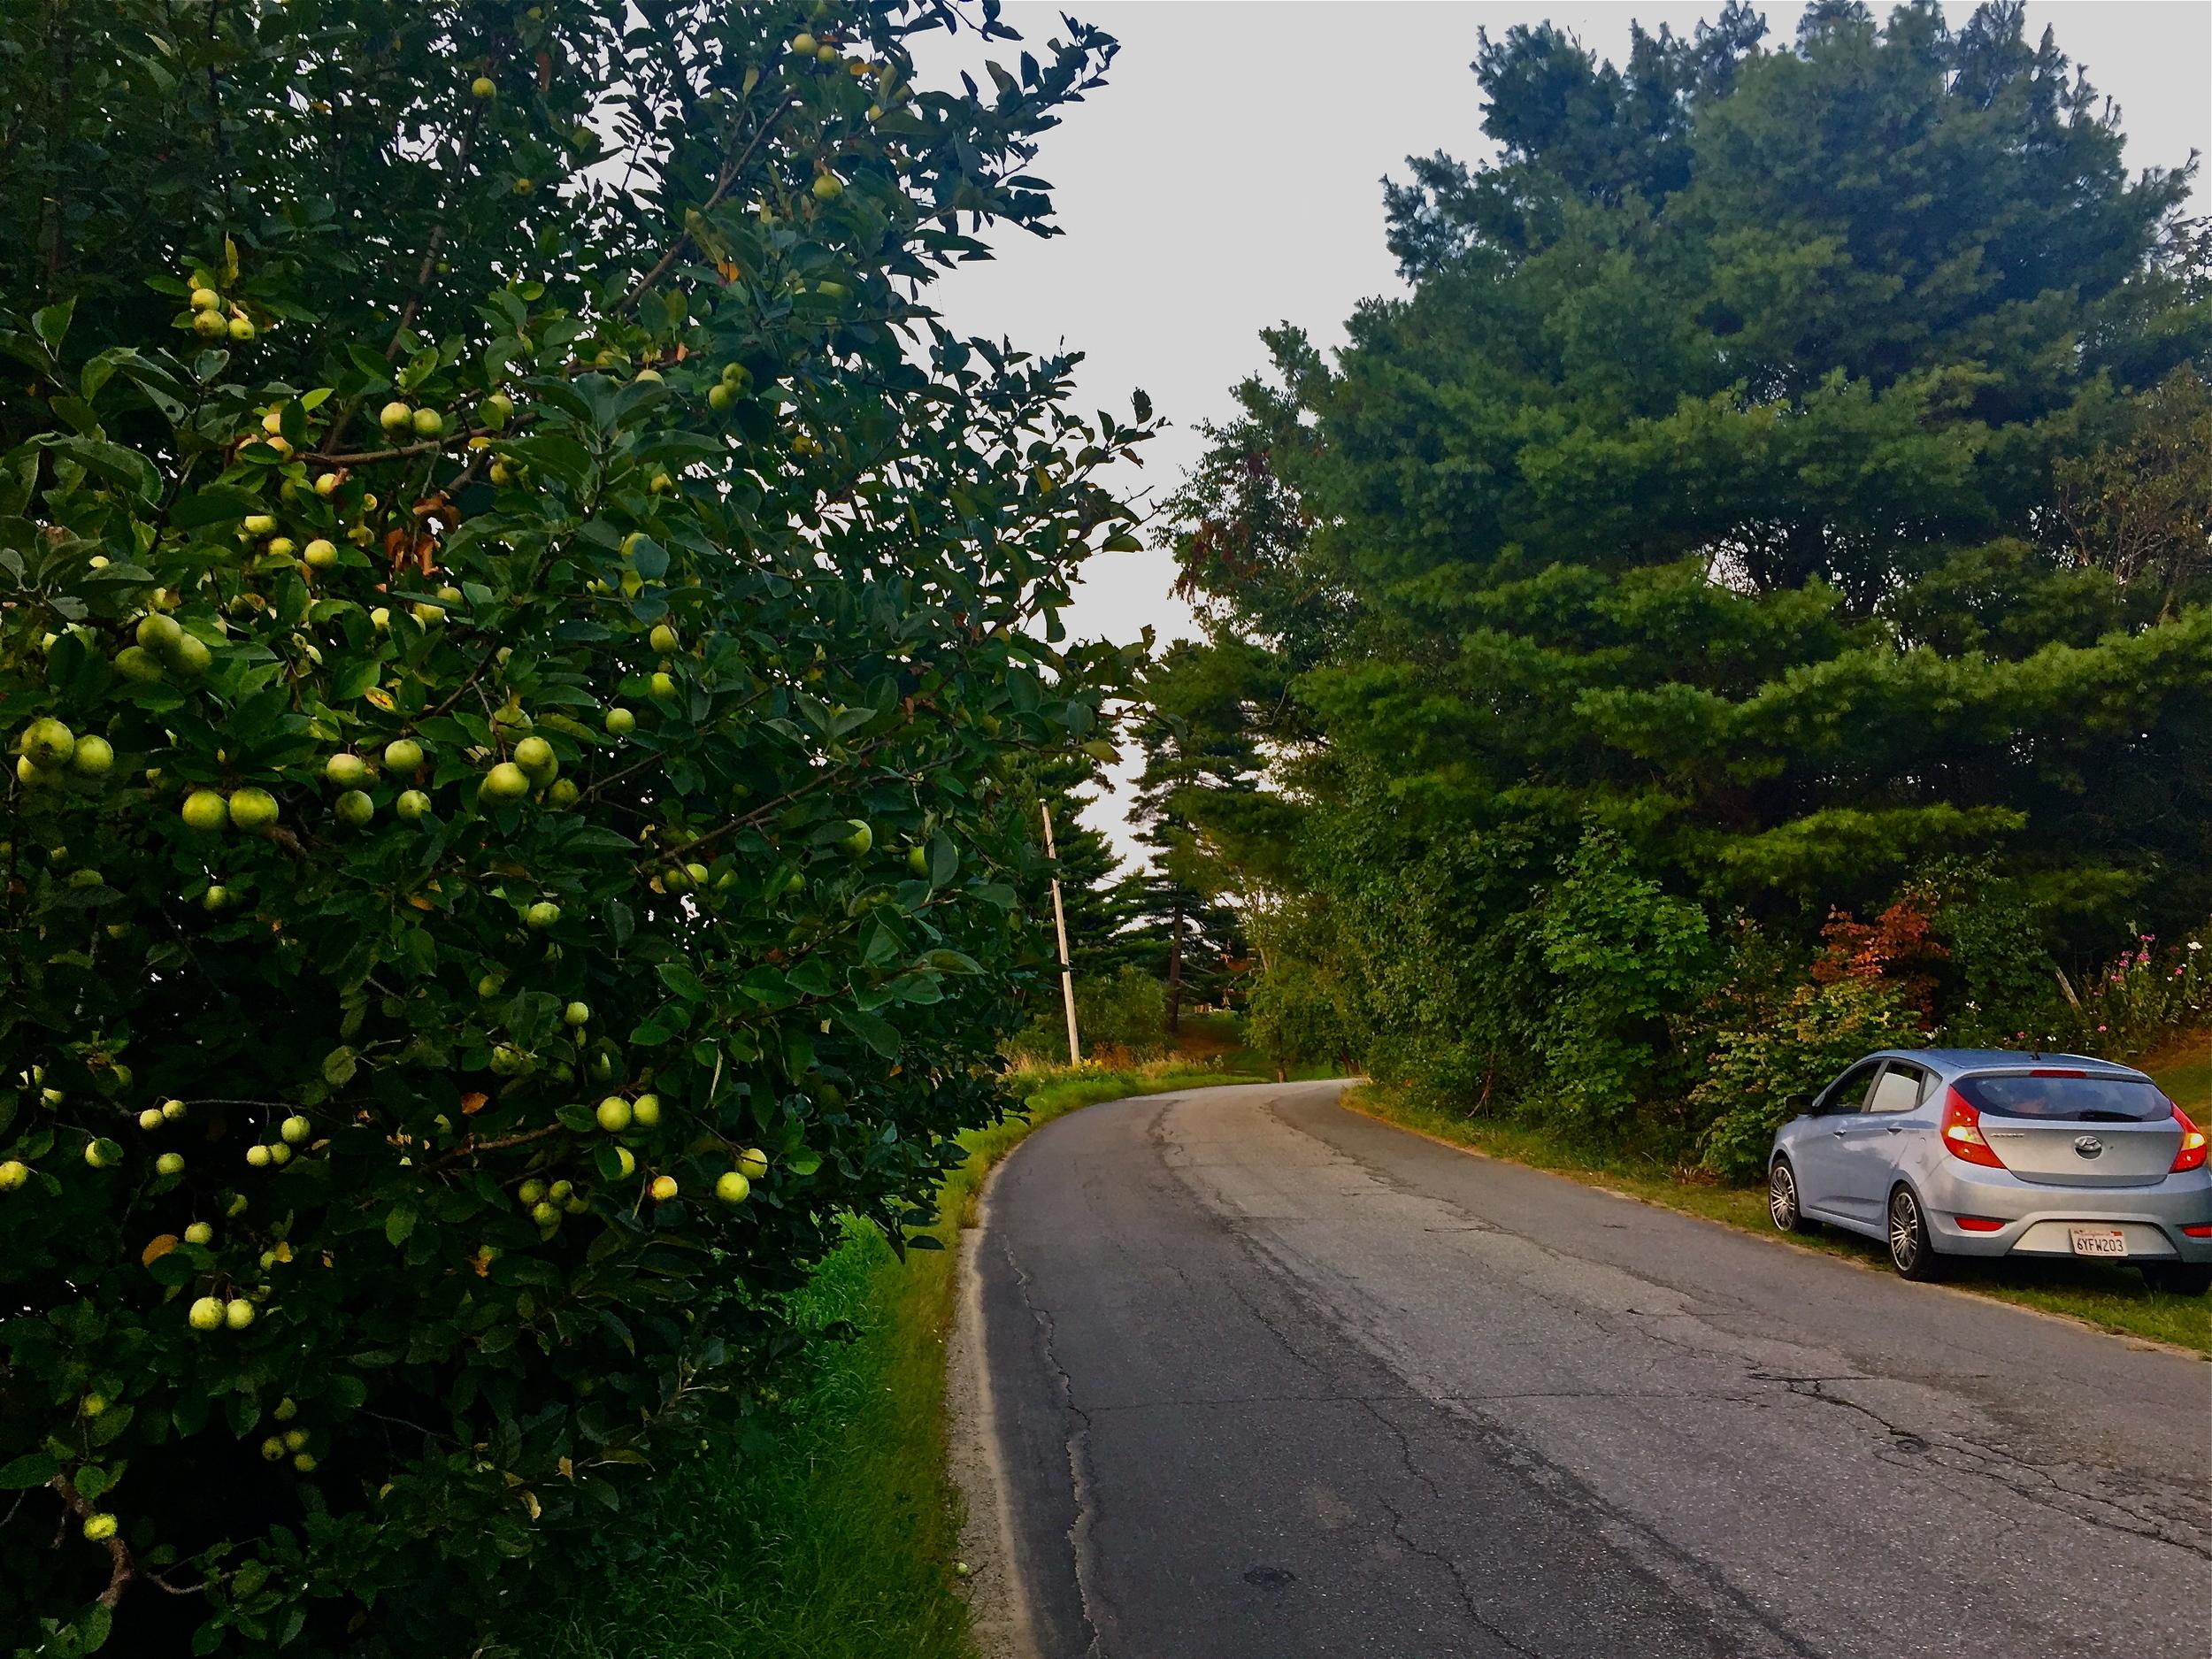 gathered roadside in Newcastle, Maine